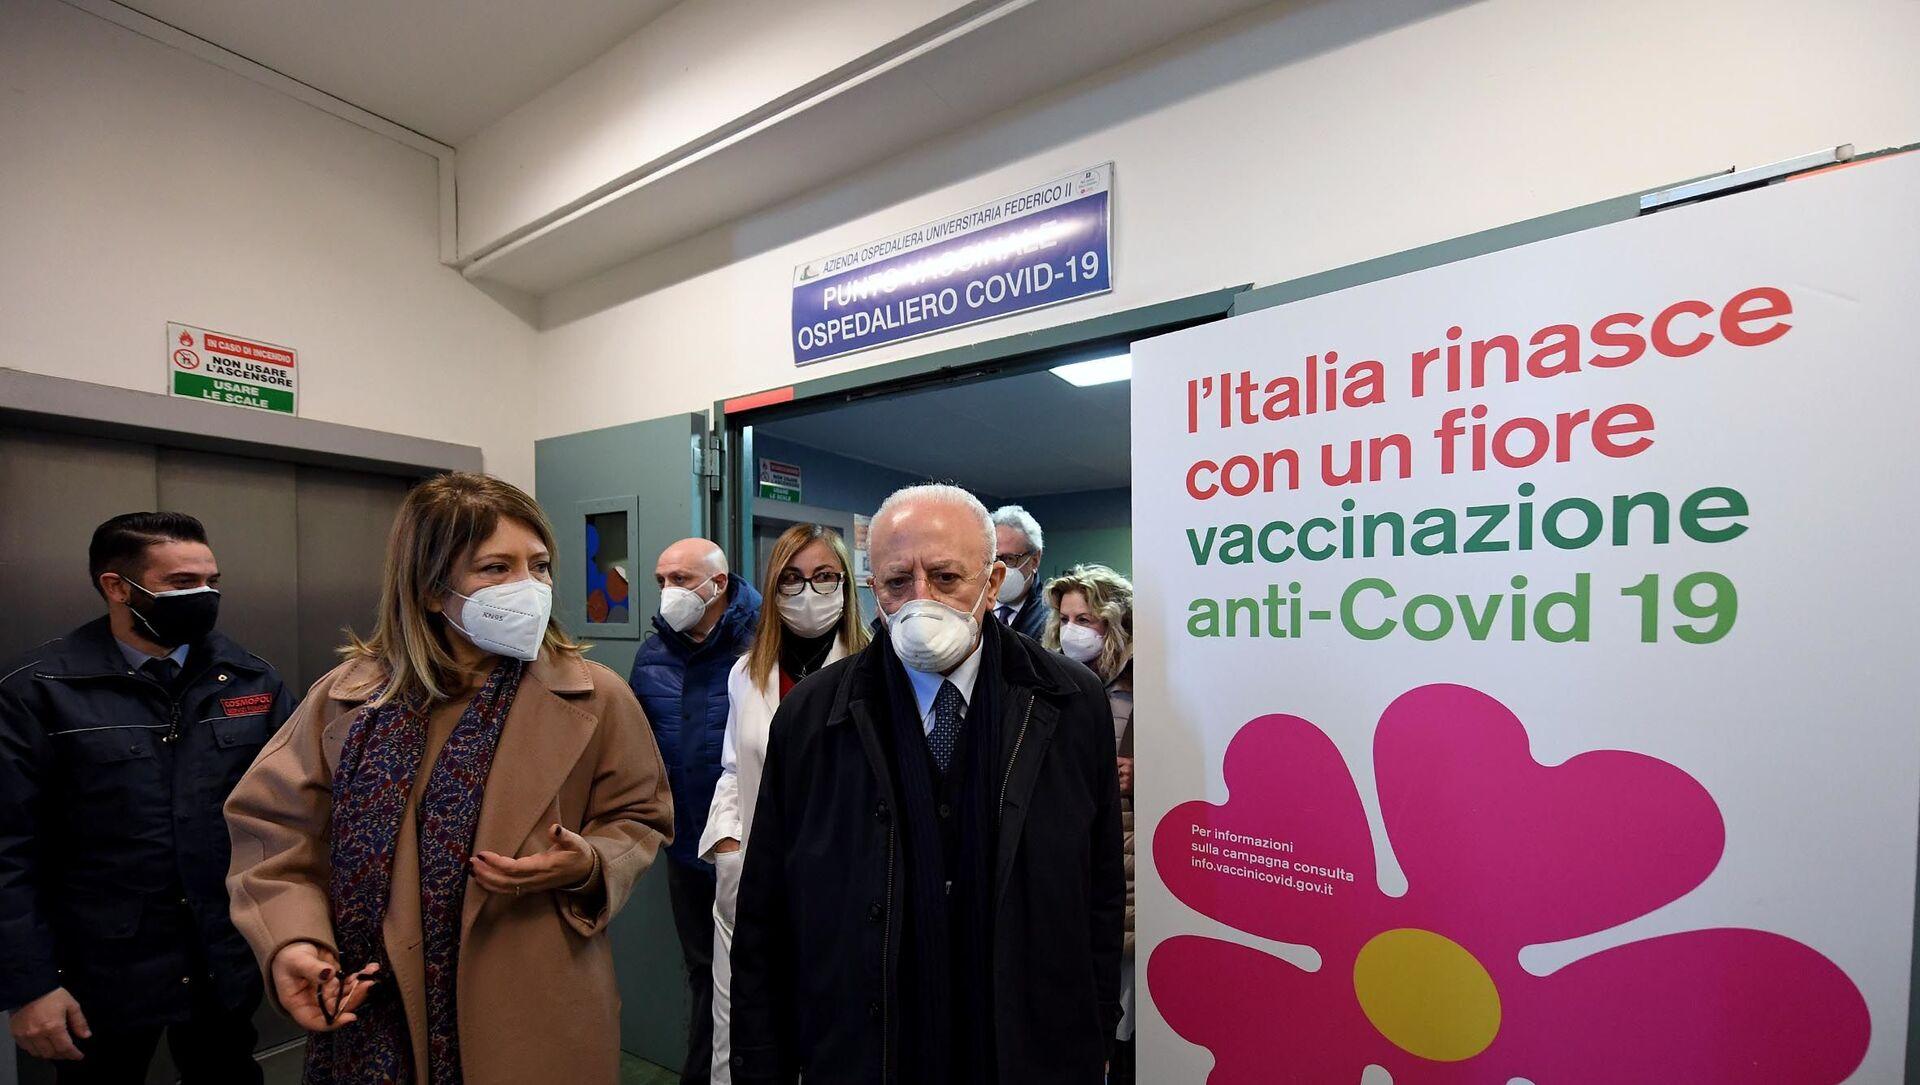 18/01/2021 - Il Presidente De Luca all'apertura del punto vaccinale del Policlinico universitario Federico II - Sputnik Italia, 1920, 26.02.2021